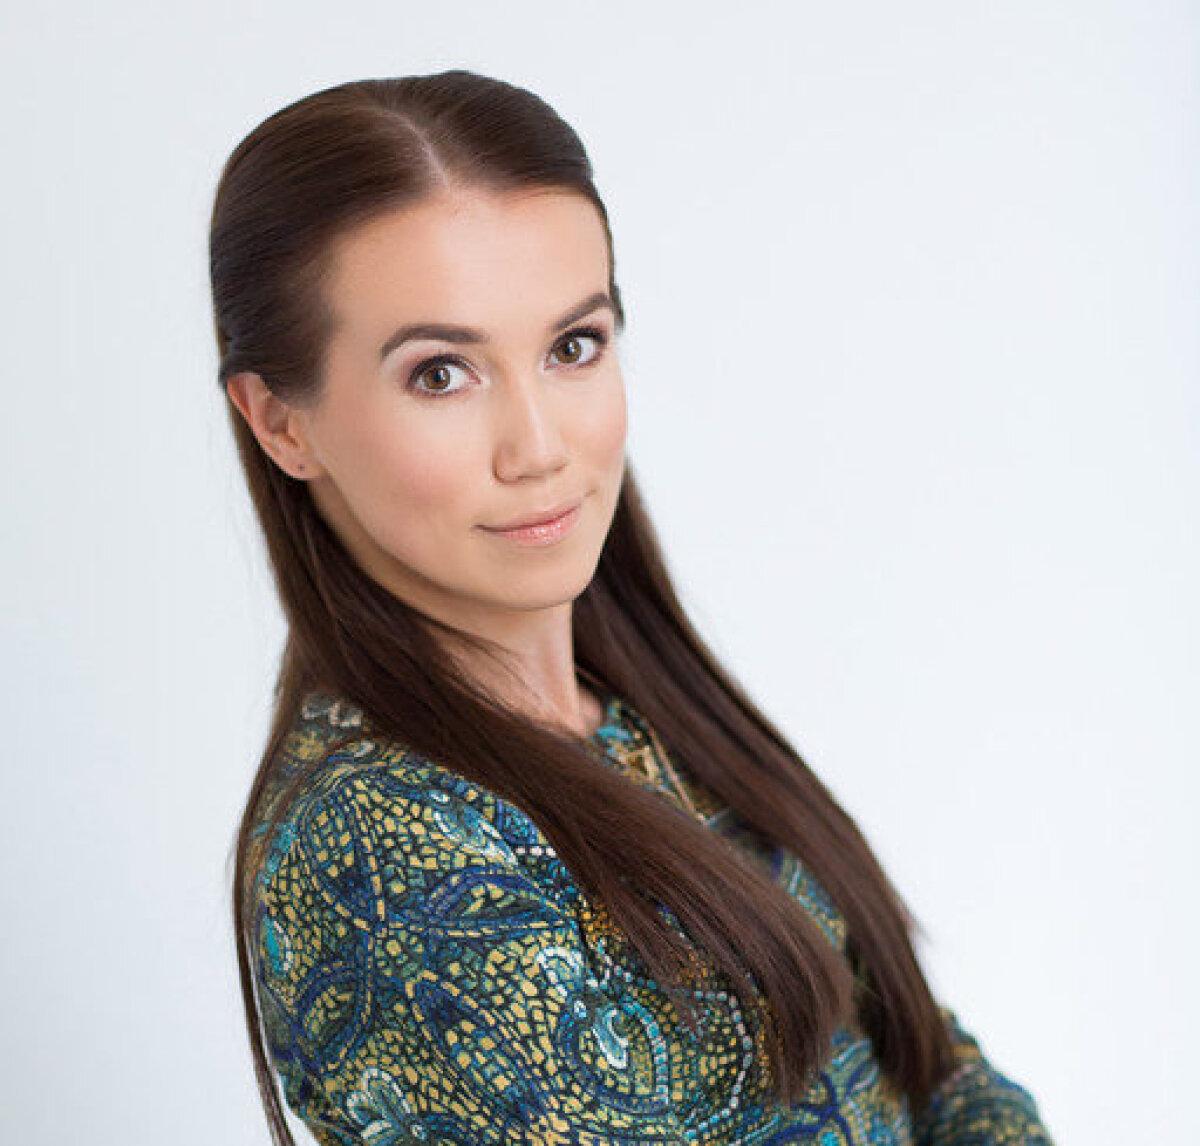 Natalja Prümmel